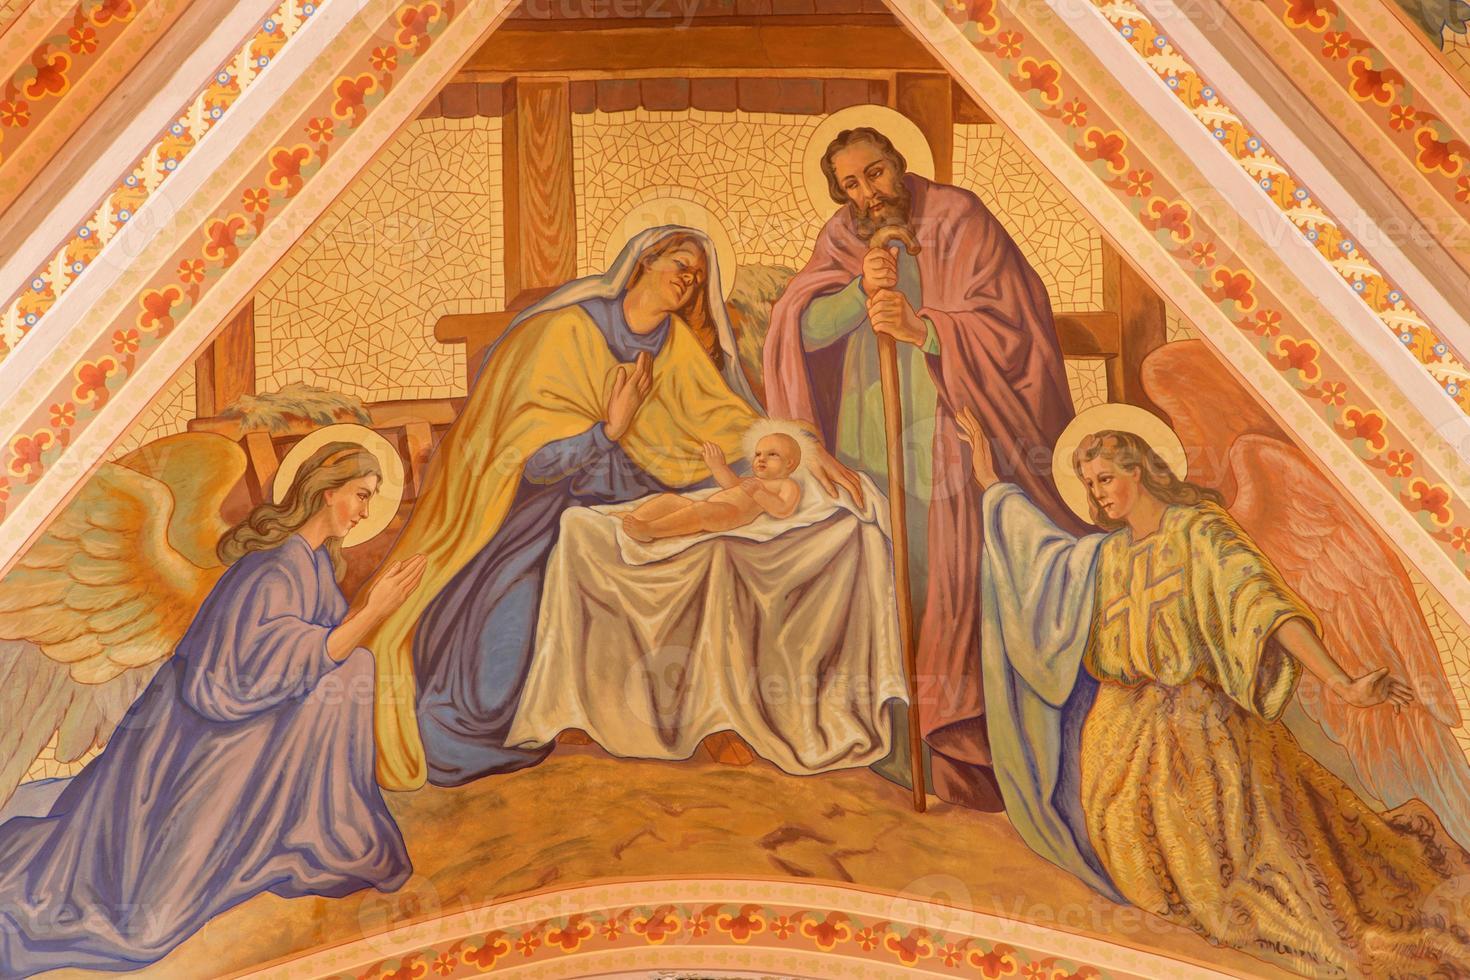 Banska Stiavnica - The fresco of Nativity scene photo